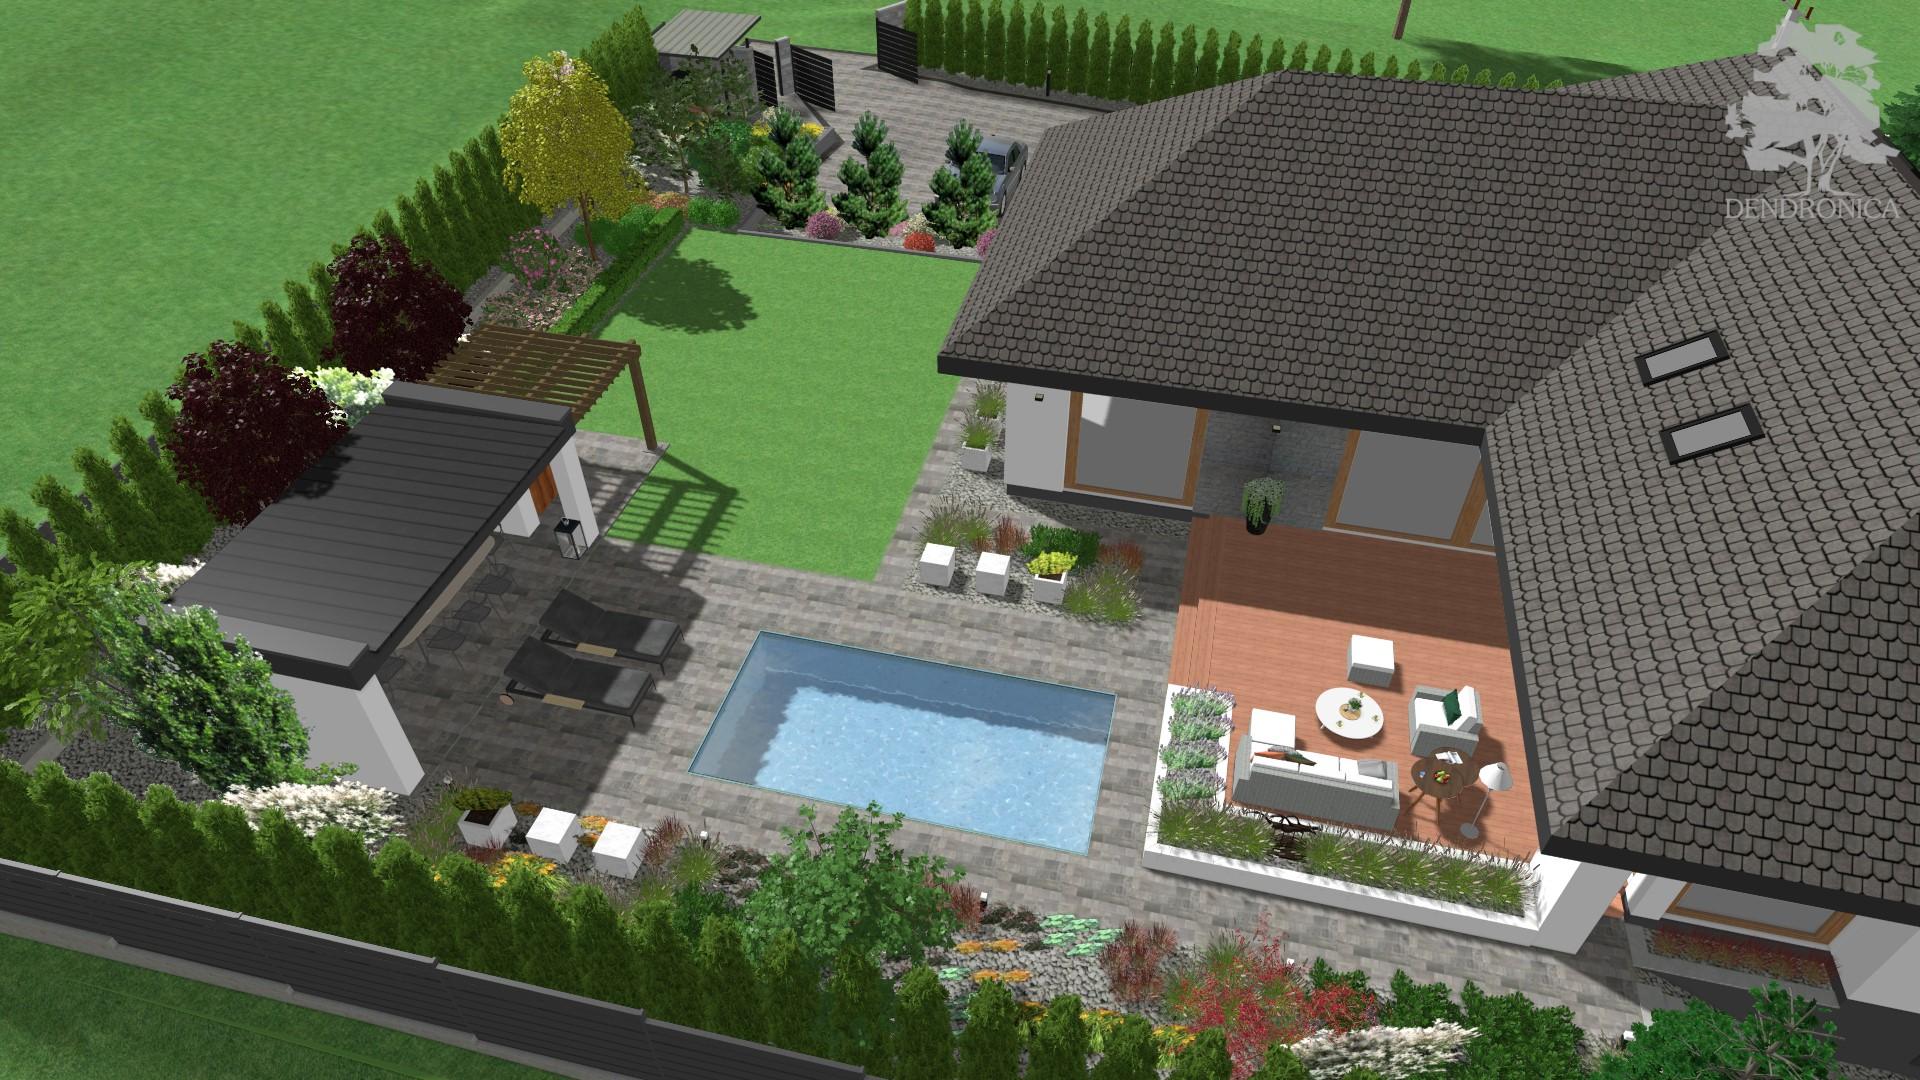 nowoczesny ogród z basenem